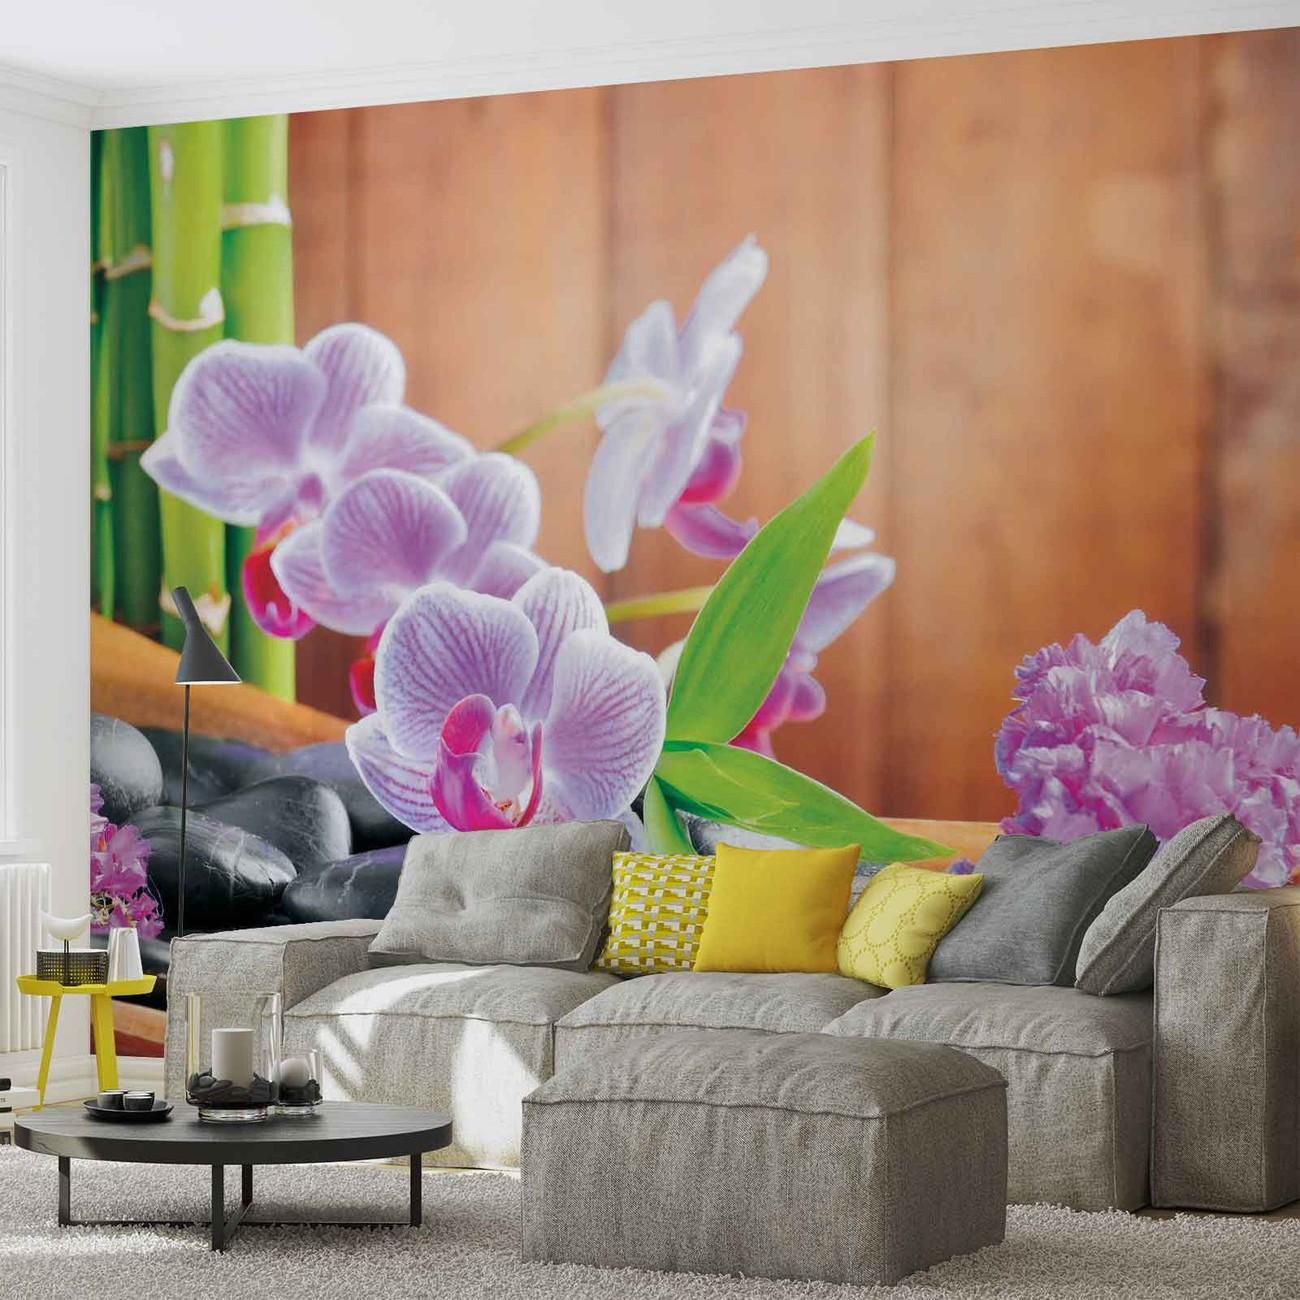 Fleurs orchid es zen poster mural papier peint acheter for Poster xxl mural zen